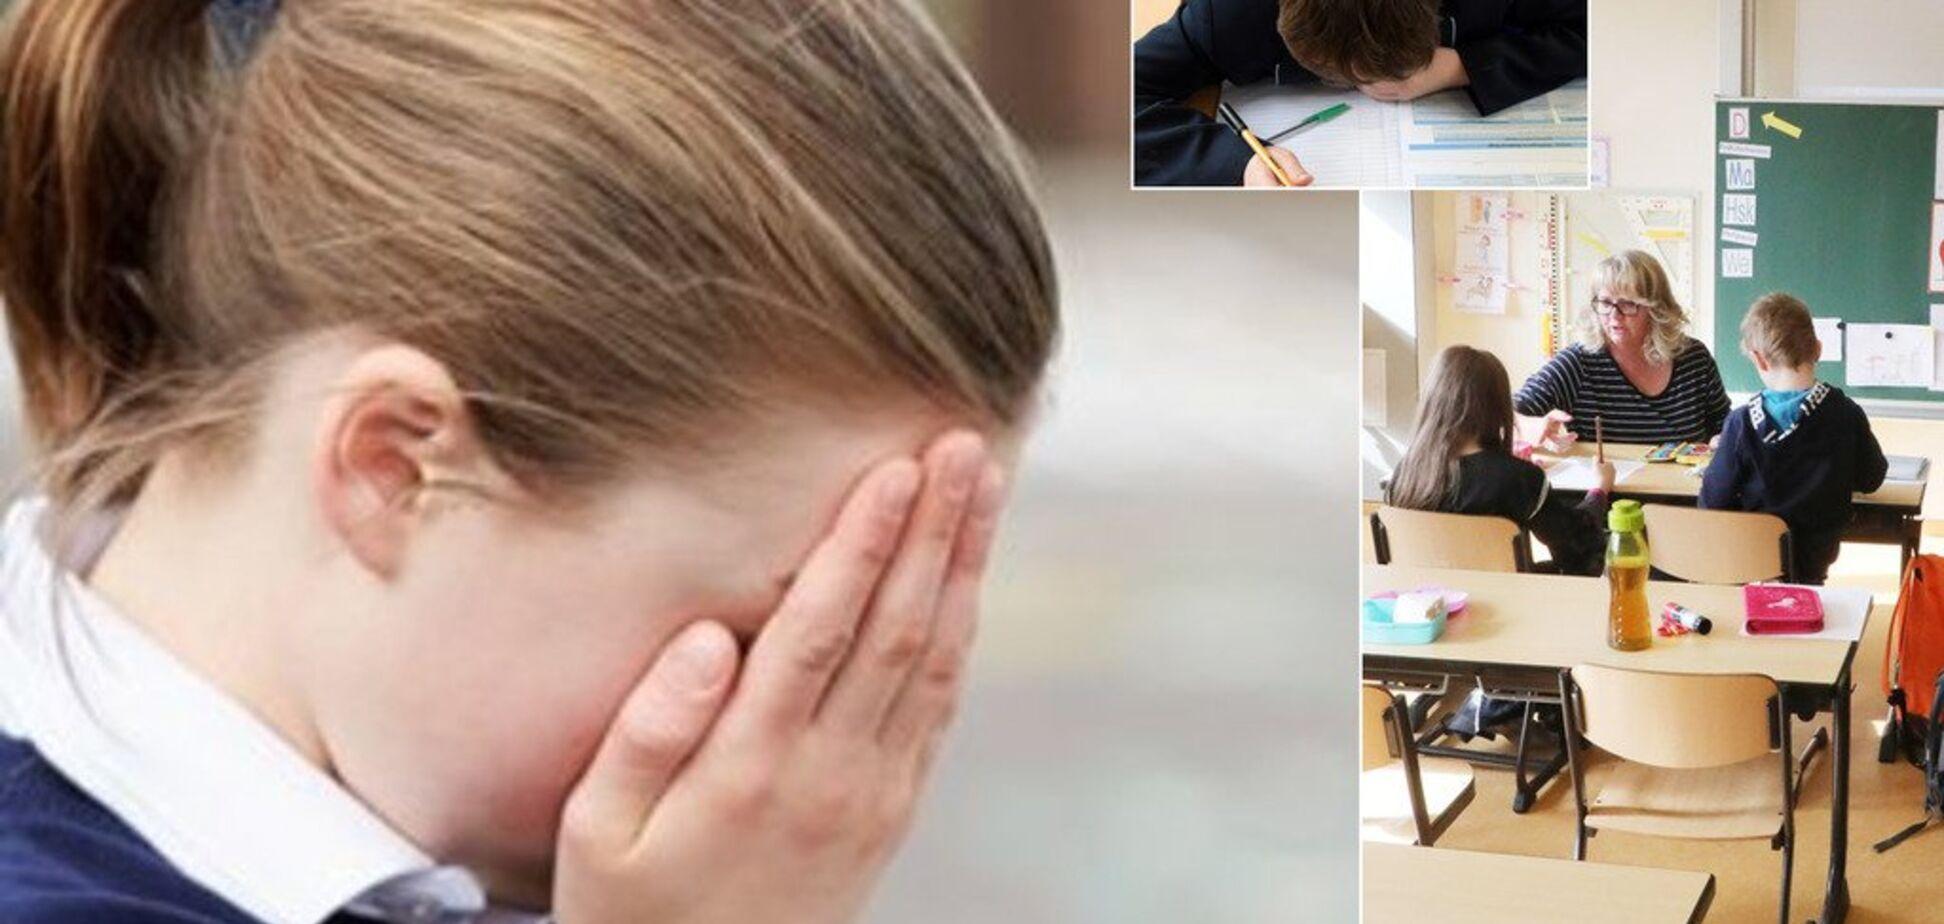 'Пытался макнуть в унитаз, бил кулаком в живот': на Херсонщине учитель напал на школьника